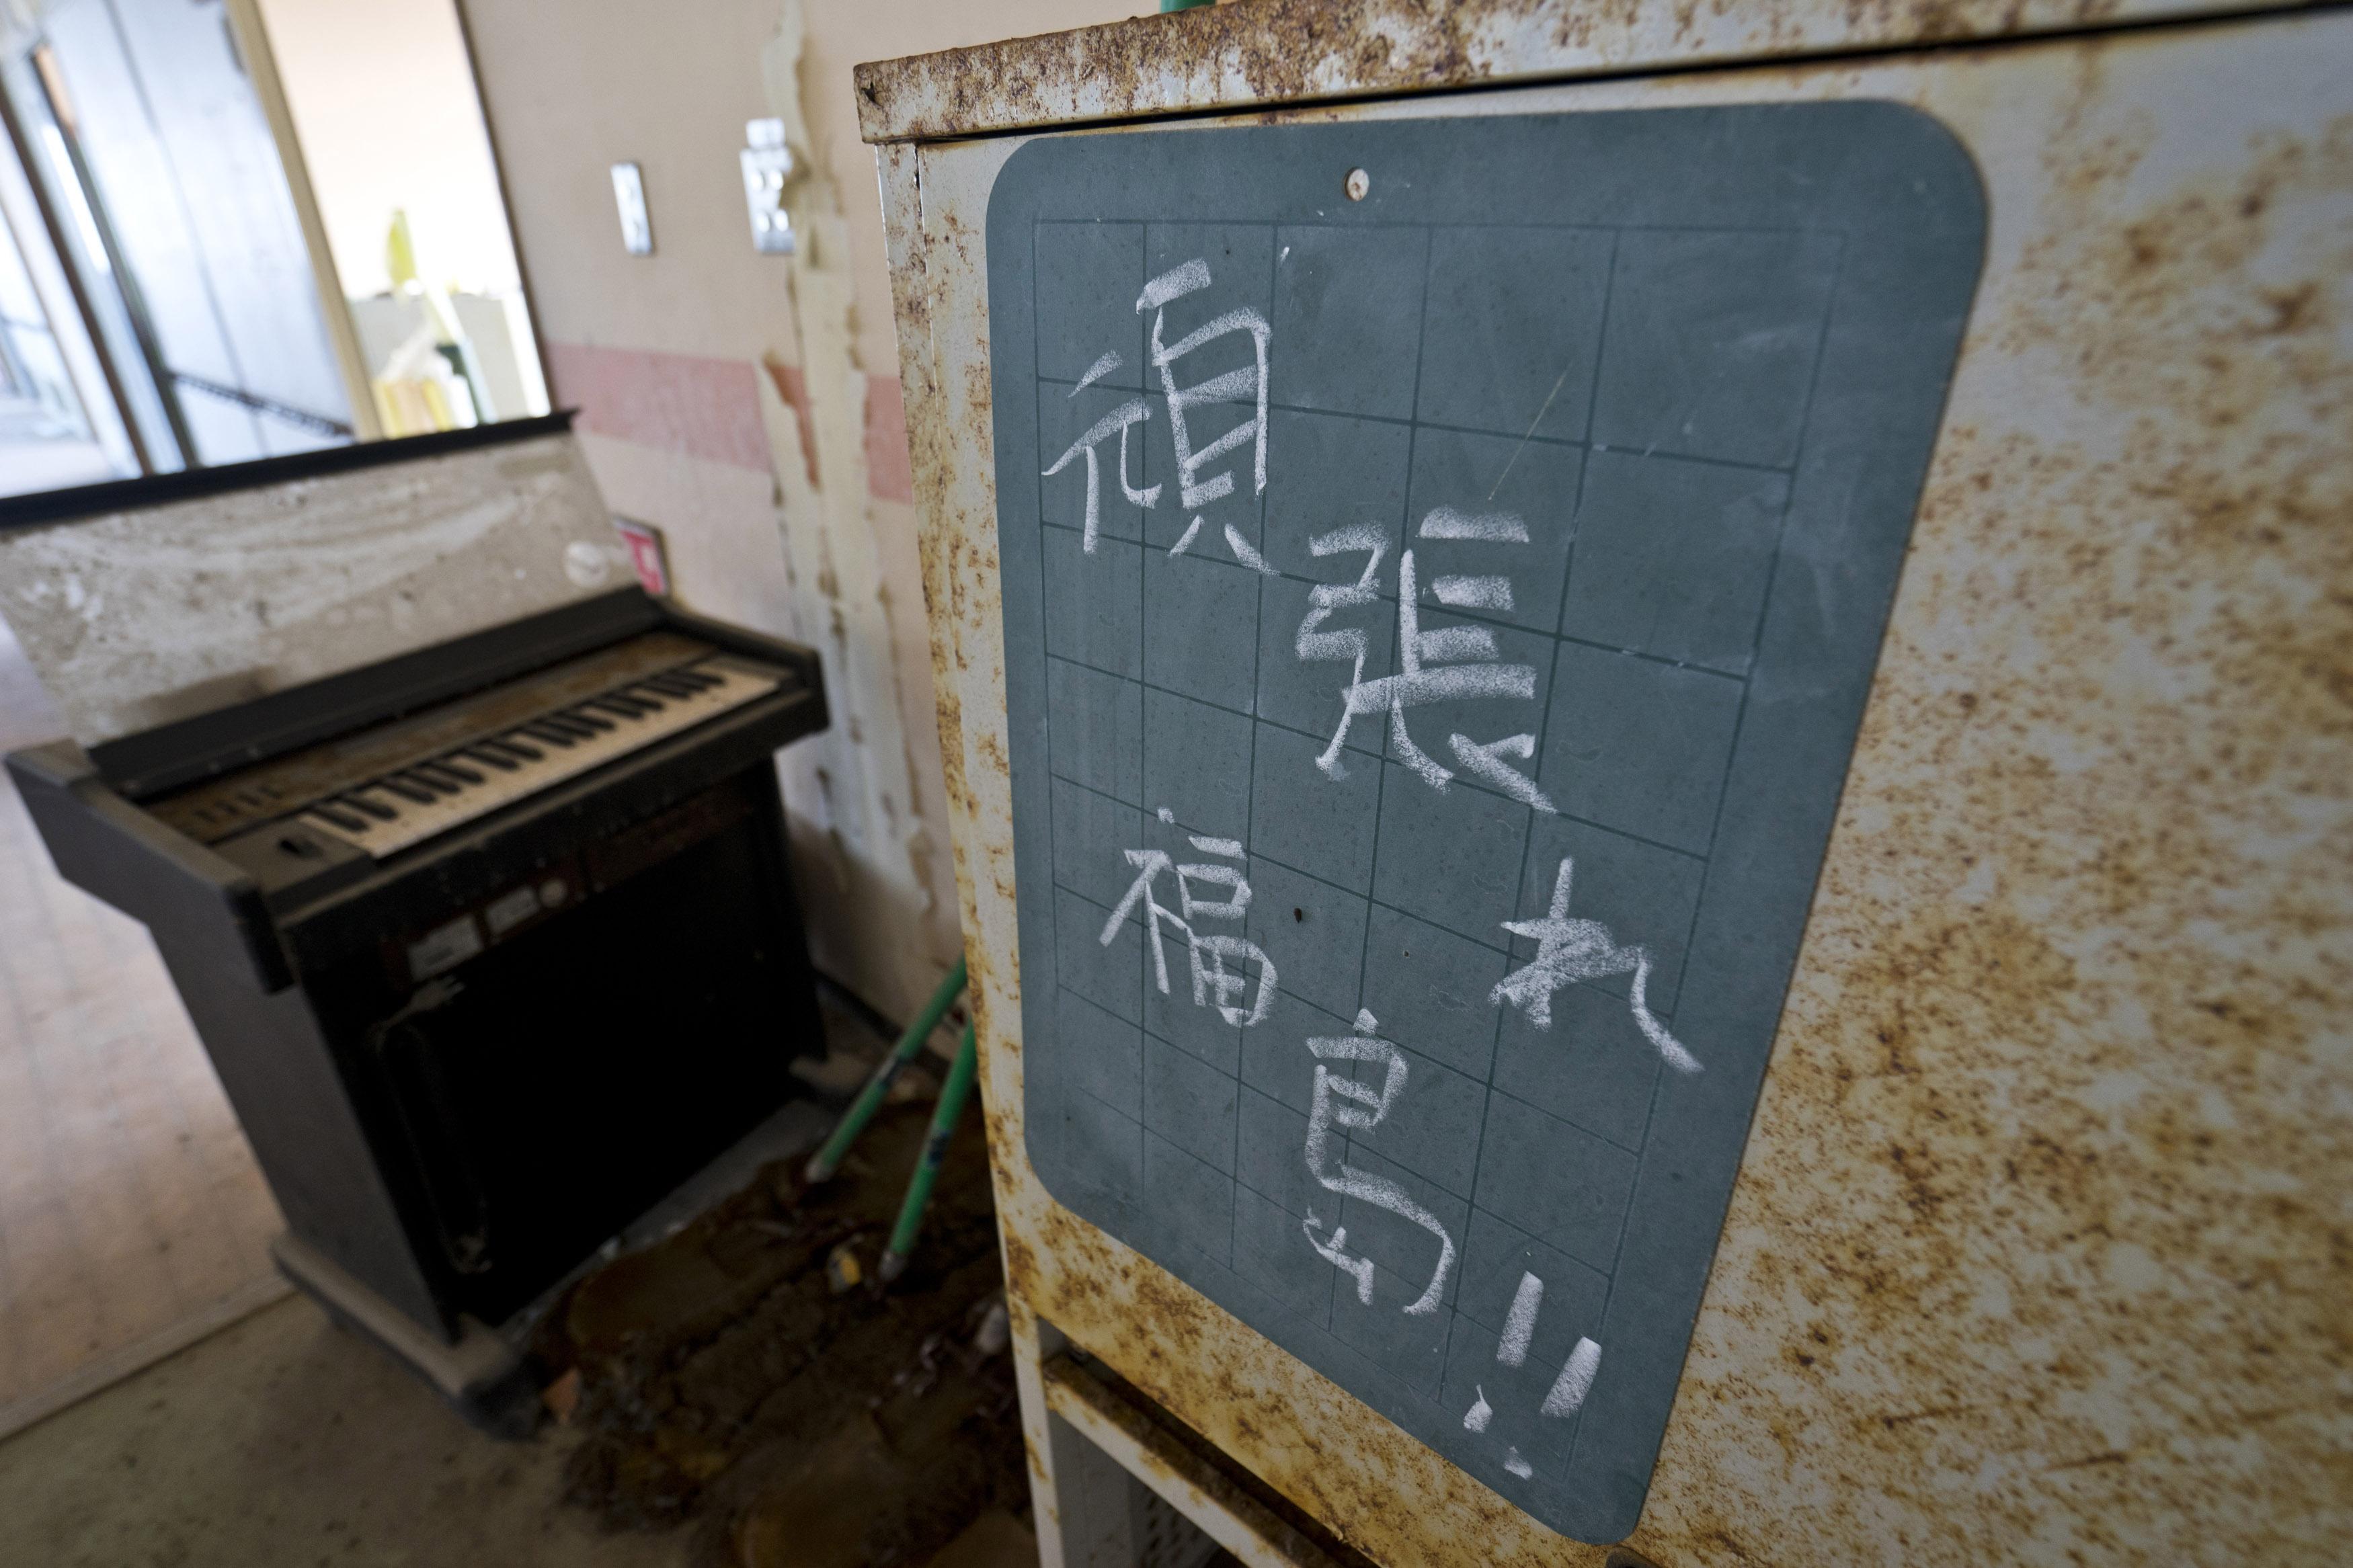 http://ubeat.com.cuhk.edu.hk/wp-content/uploads/2018/DSC06903.jpg